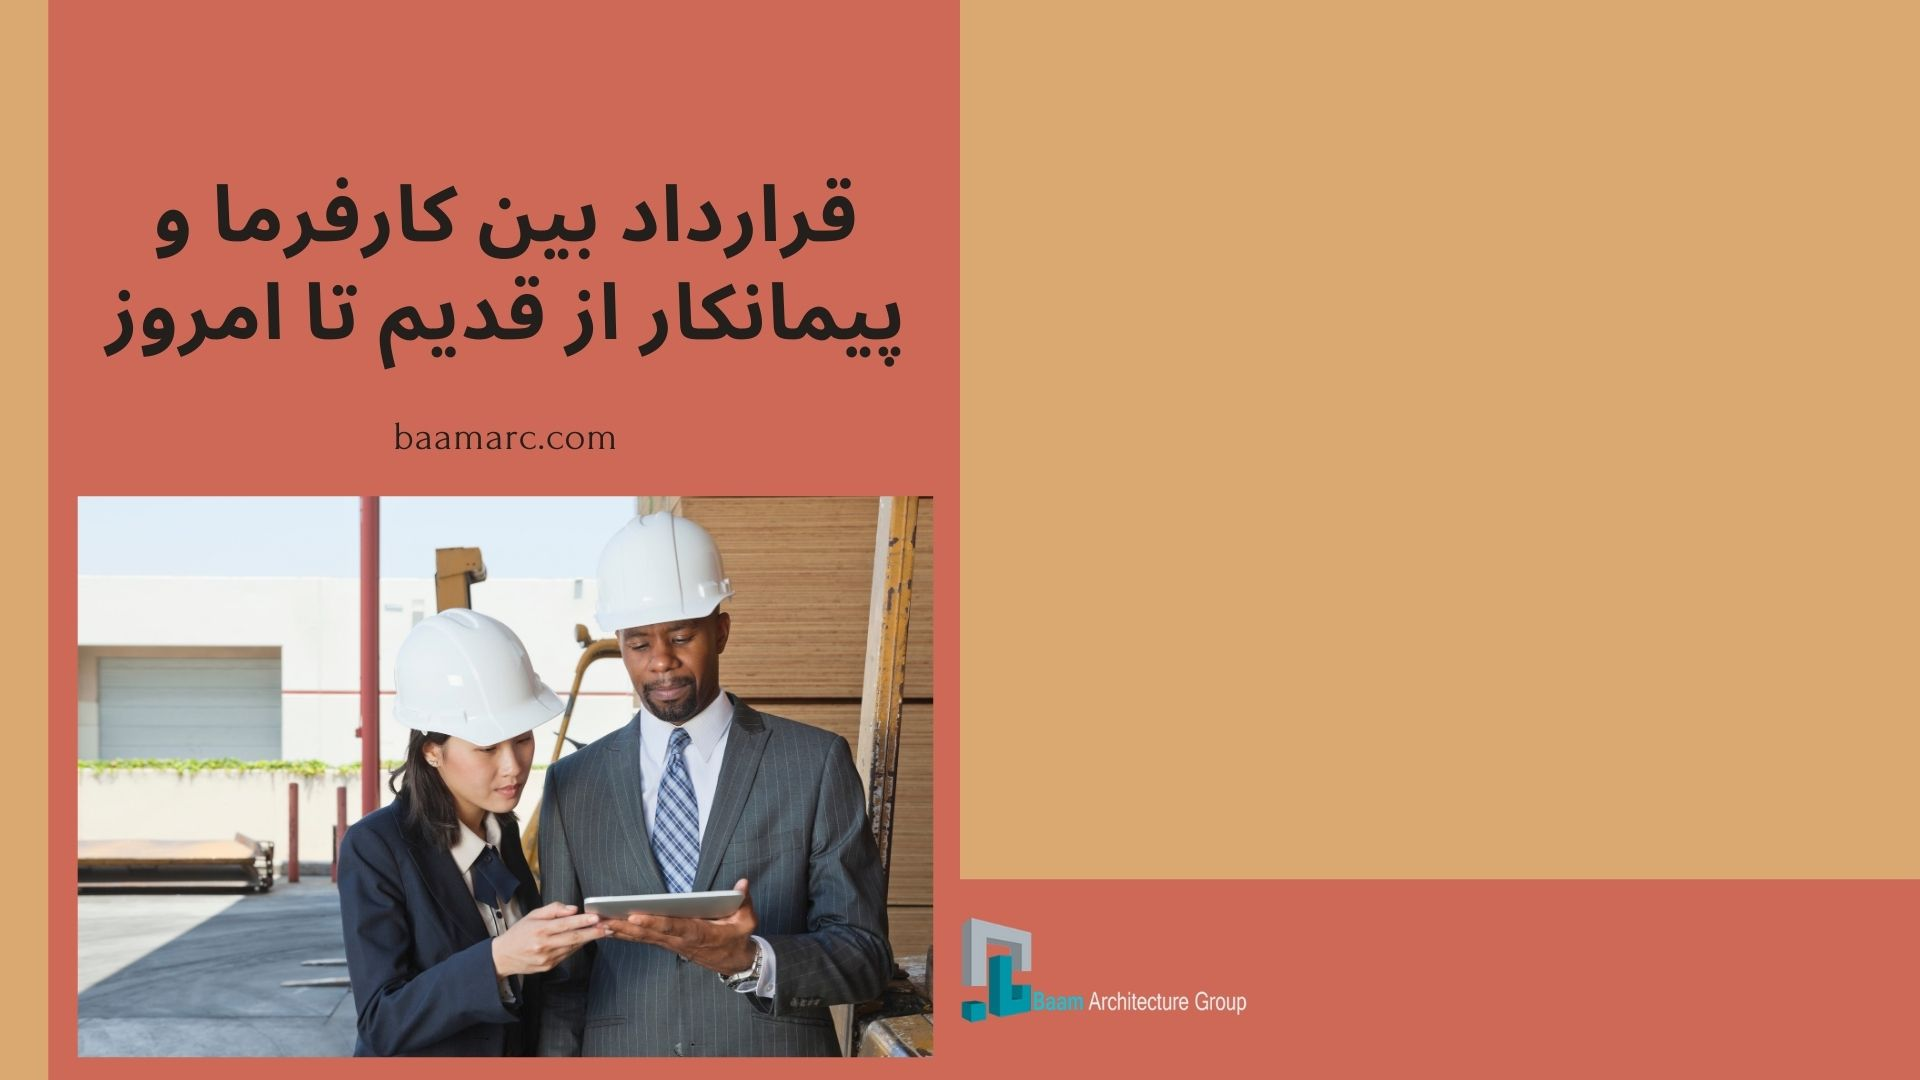 قرارداد بین کارفرما و پیمانکار از قدیم تا امروز